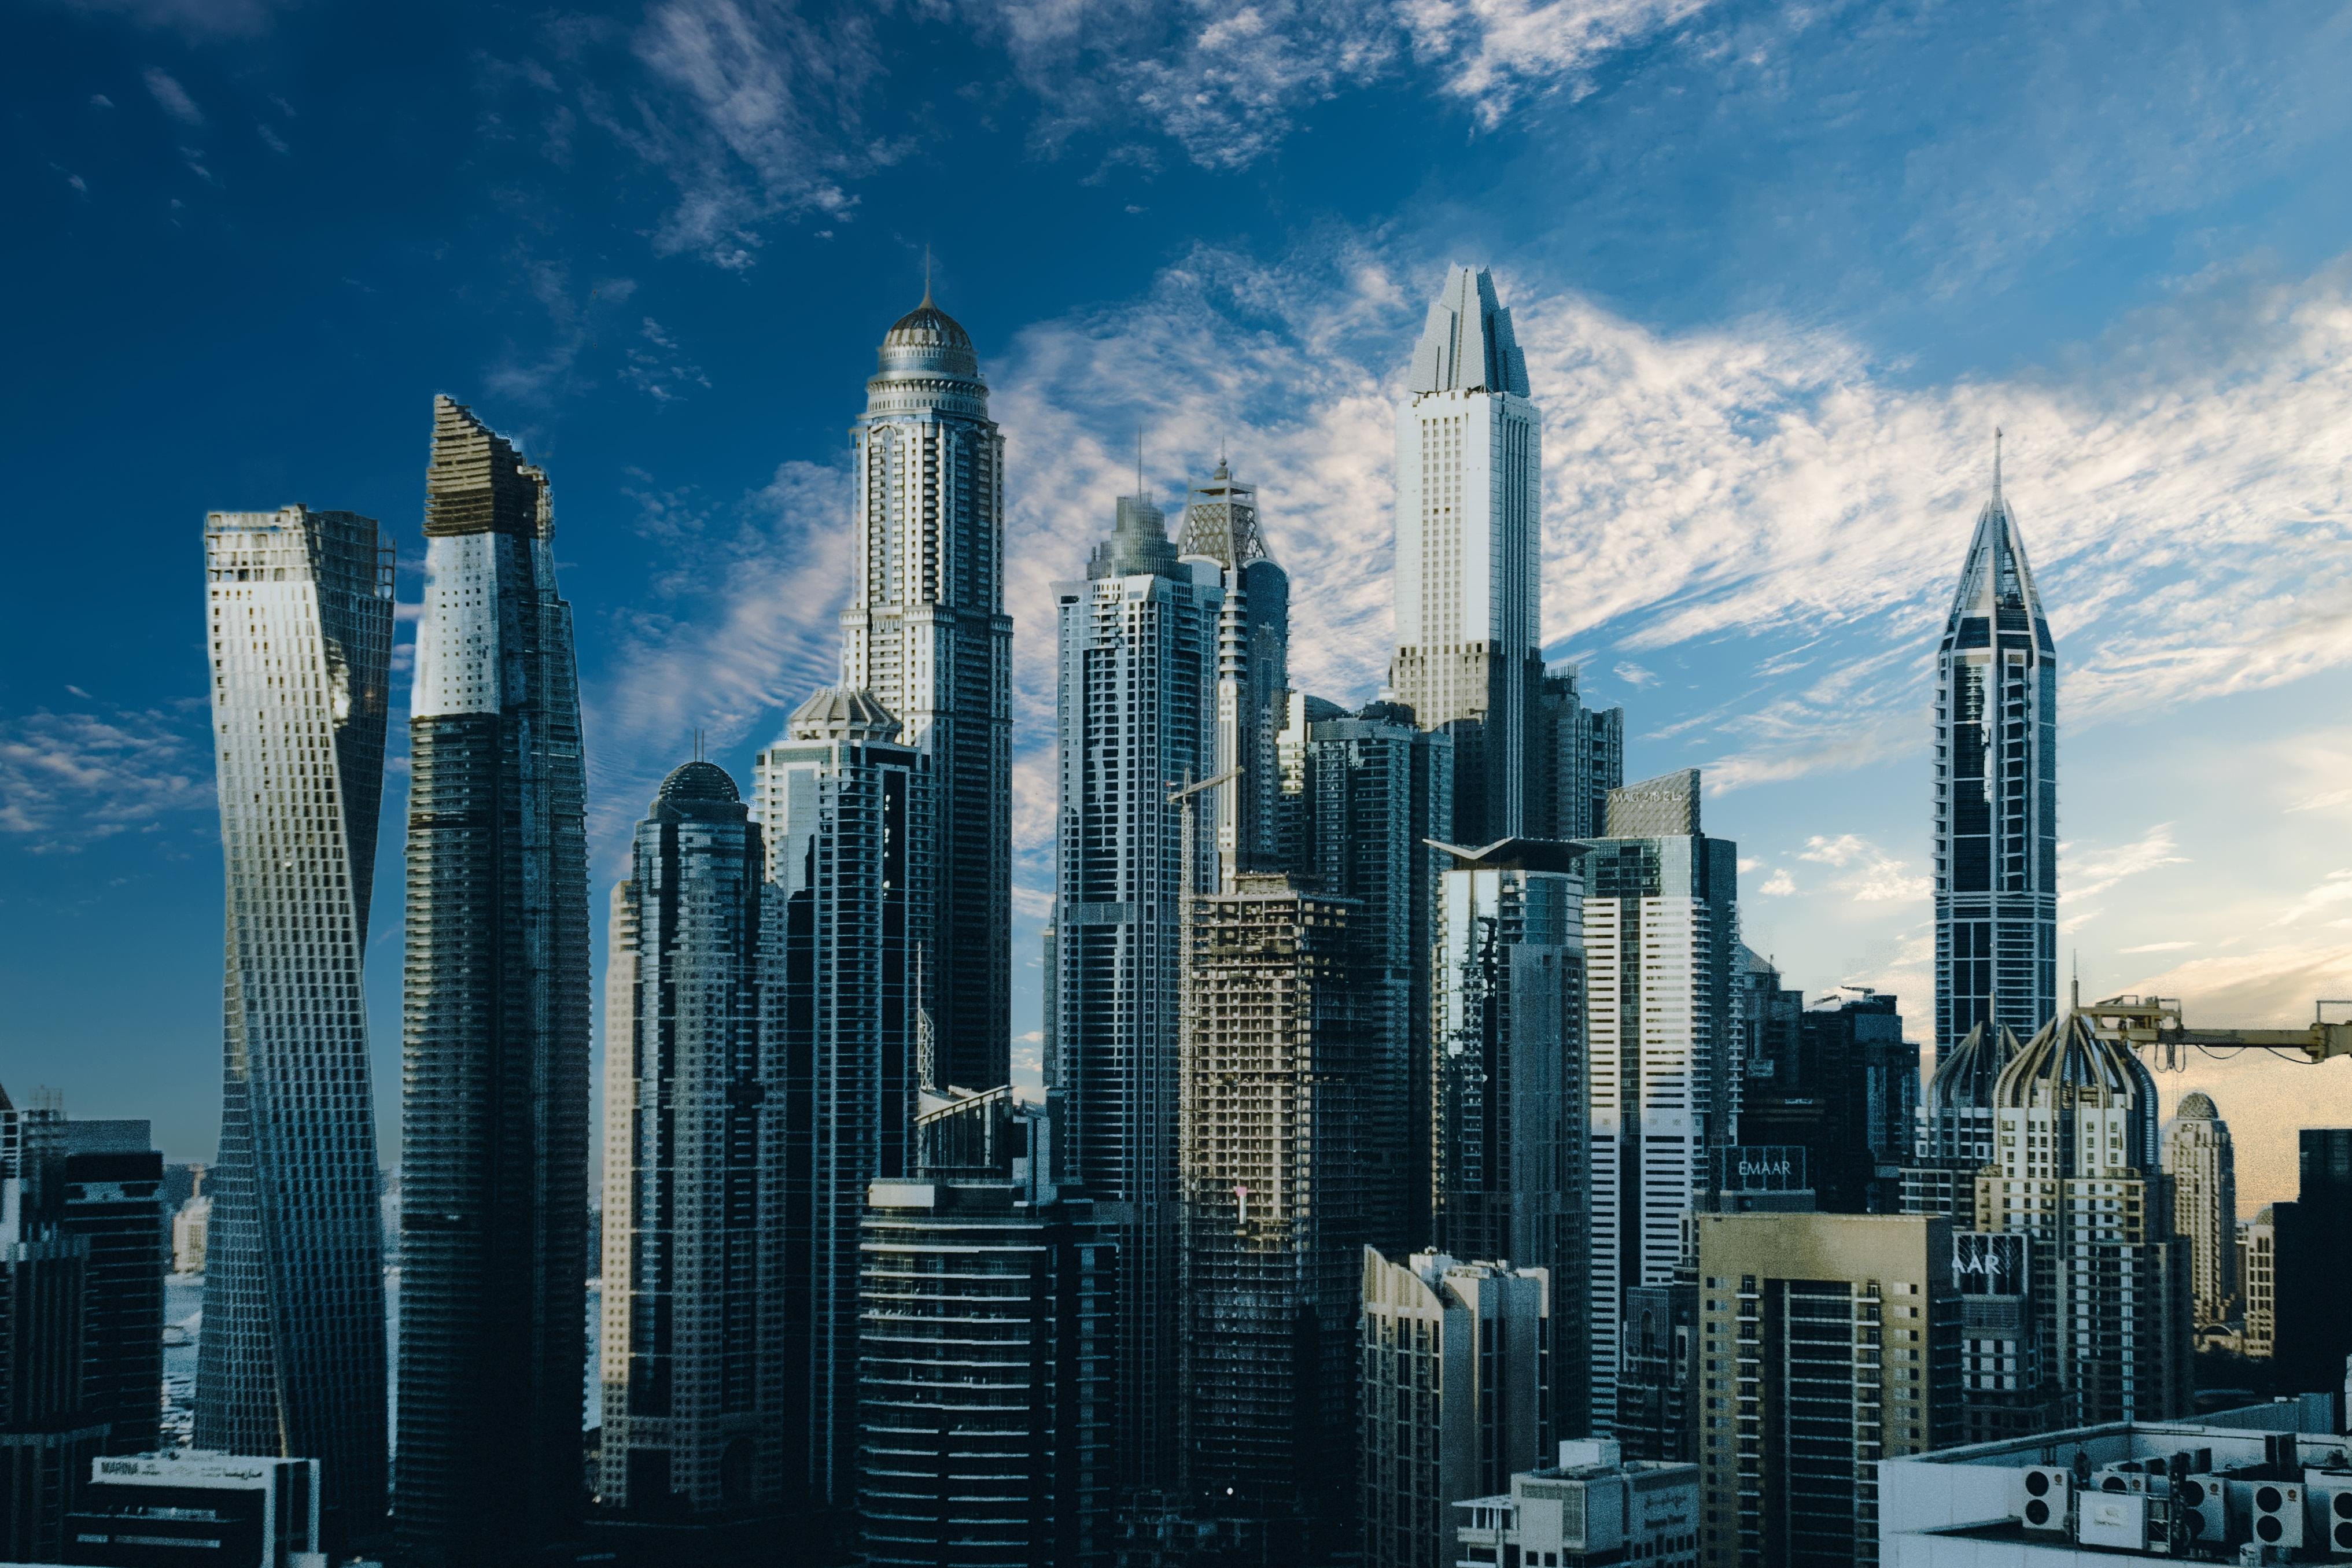 Hình ảnh cao ốc trong thành phố